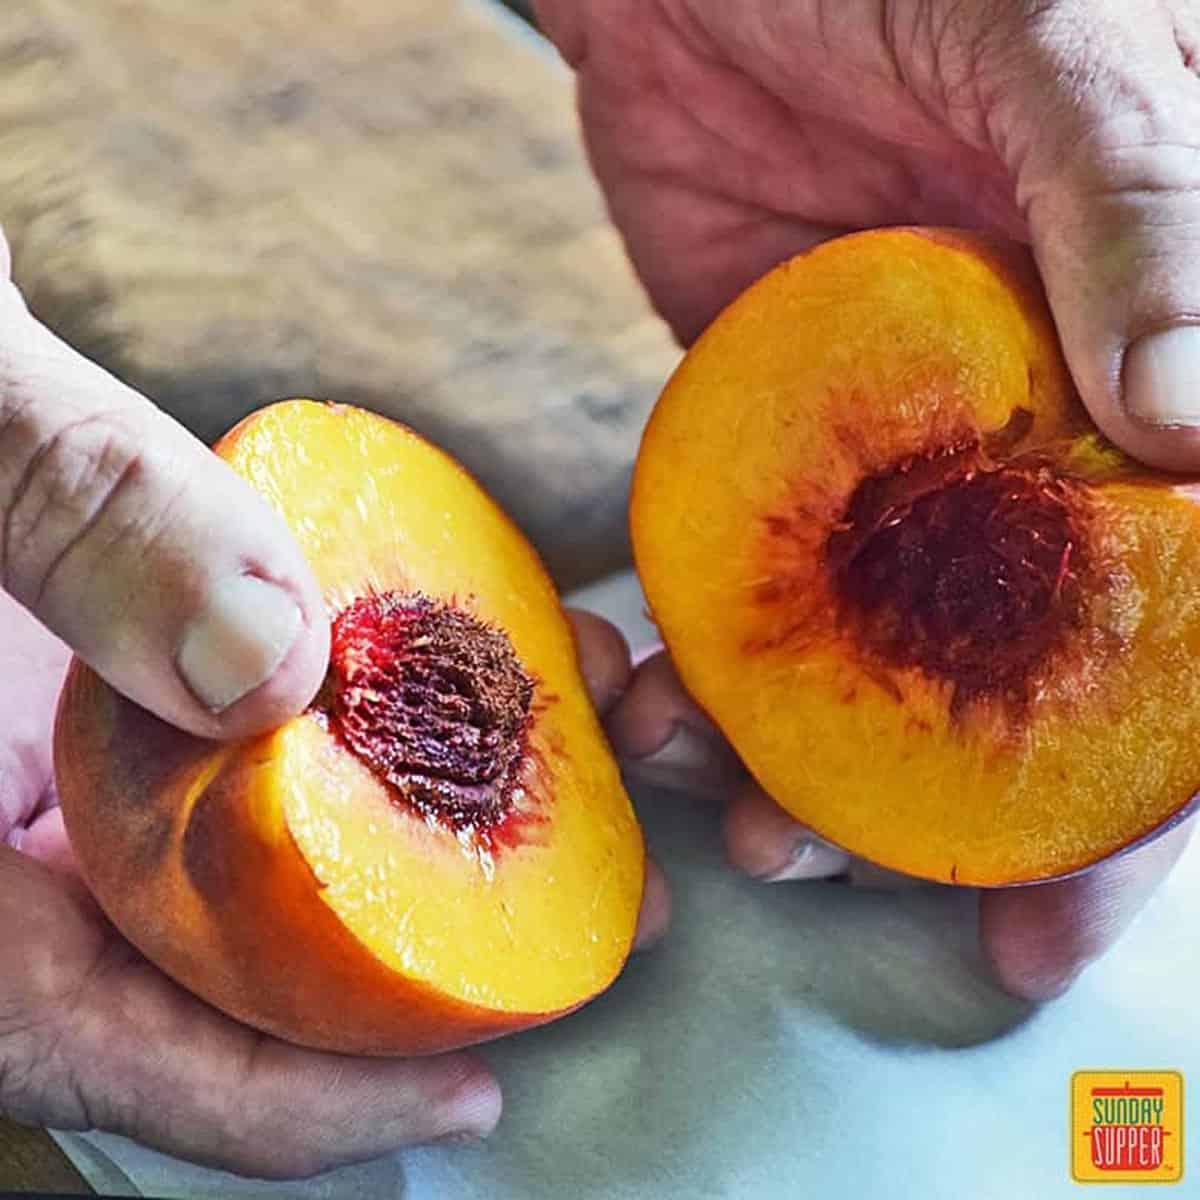 Holding a peach half in each hand